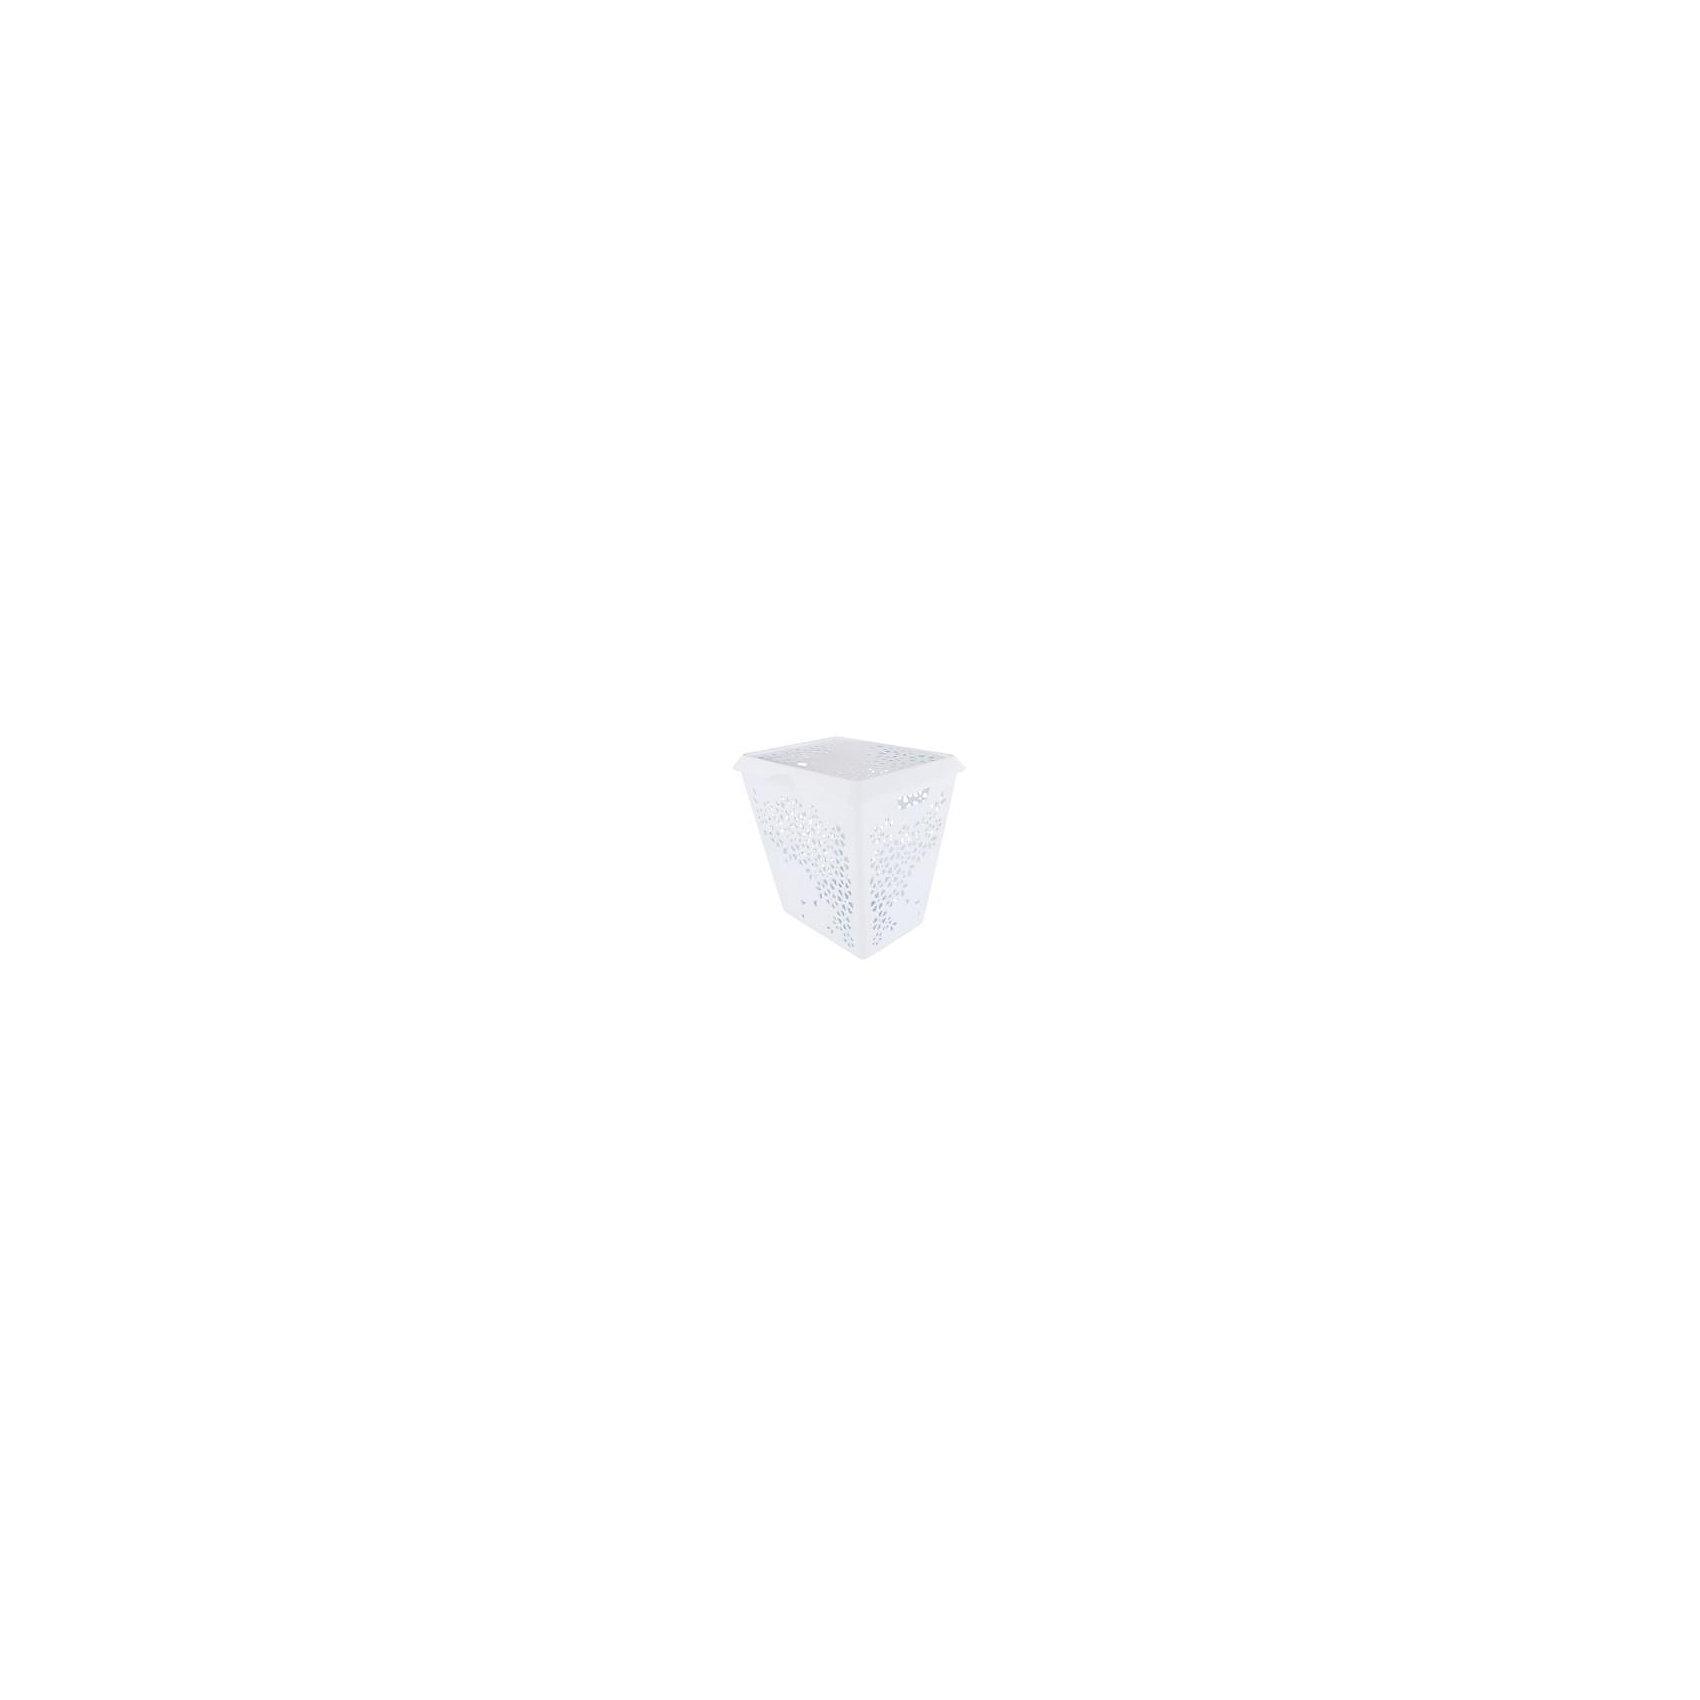 Корзина для белья Эстель , Alternativa, белыйВанная комната<br>Корзина для белья Эстель, Alternativa (Альтернатива), белый<br><br>Характеристики:<br><br>• красивый дизайн<br>• удобная ручка крышки и выемки для переноса<br>• материал: пластик<br>• цвет: белый<br>• размер: 45,5х38,8х45,5 см<br>• вес: 2,5 кг<br><br>Эстель - корзина для белья, изготовленная из качественного прочного пластика. Она имеет две выемки по бокам для удобства переноса. Крышка оснащена небольшой ручкой, с помощью которой вы с легкостью откроете корзину при необходимости. Изделие оформлено цветочным узором, который, к тому же, служит вентиляцией. Он препятствует появлению неприятного запаха от белья.<br><br>Корзина для белья Эстель, Alternativa (Альтернатива), белый можно купить в нашем интернет-магазине.<br><br>Ширина мм: 455<br>Глубина мм: 388<br>Высота мм: 445<br>Вес г: 2500<br>Возраст от месяцев: 36<br>Возраст до месяцев: 1188<br>Пол: Унисекс<br>Возраст: Детский<br>SKU: 5475644